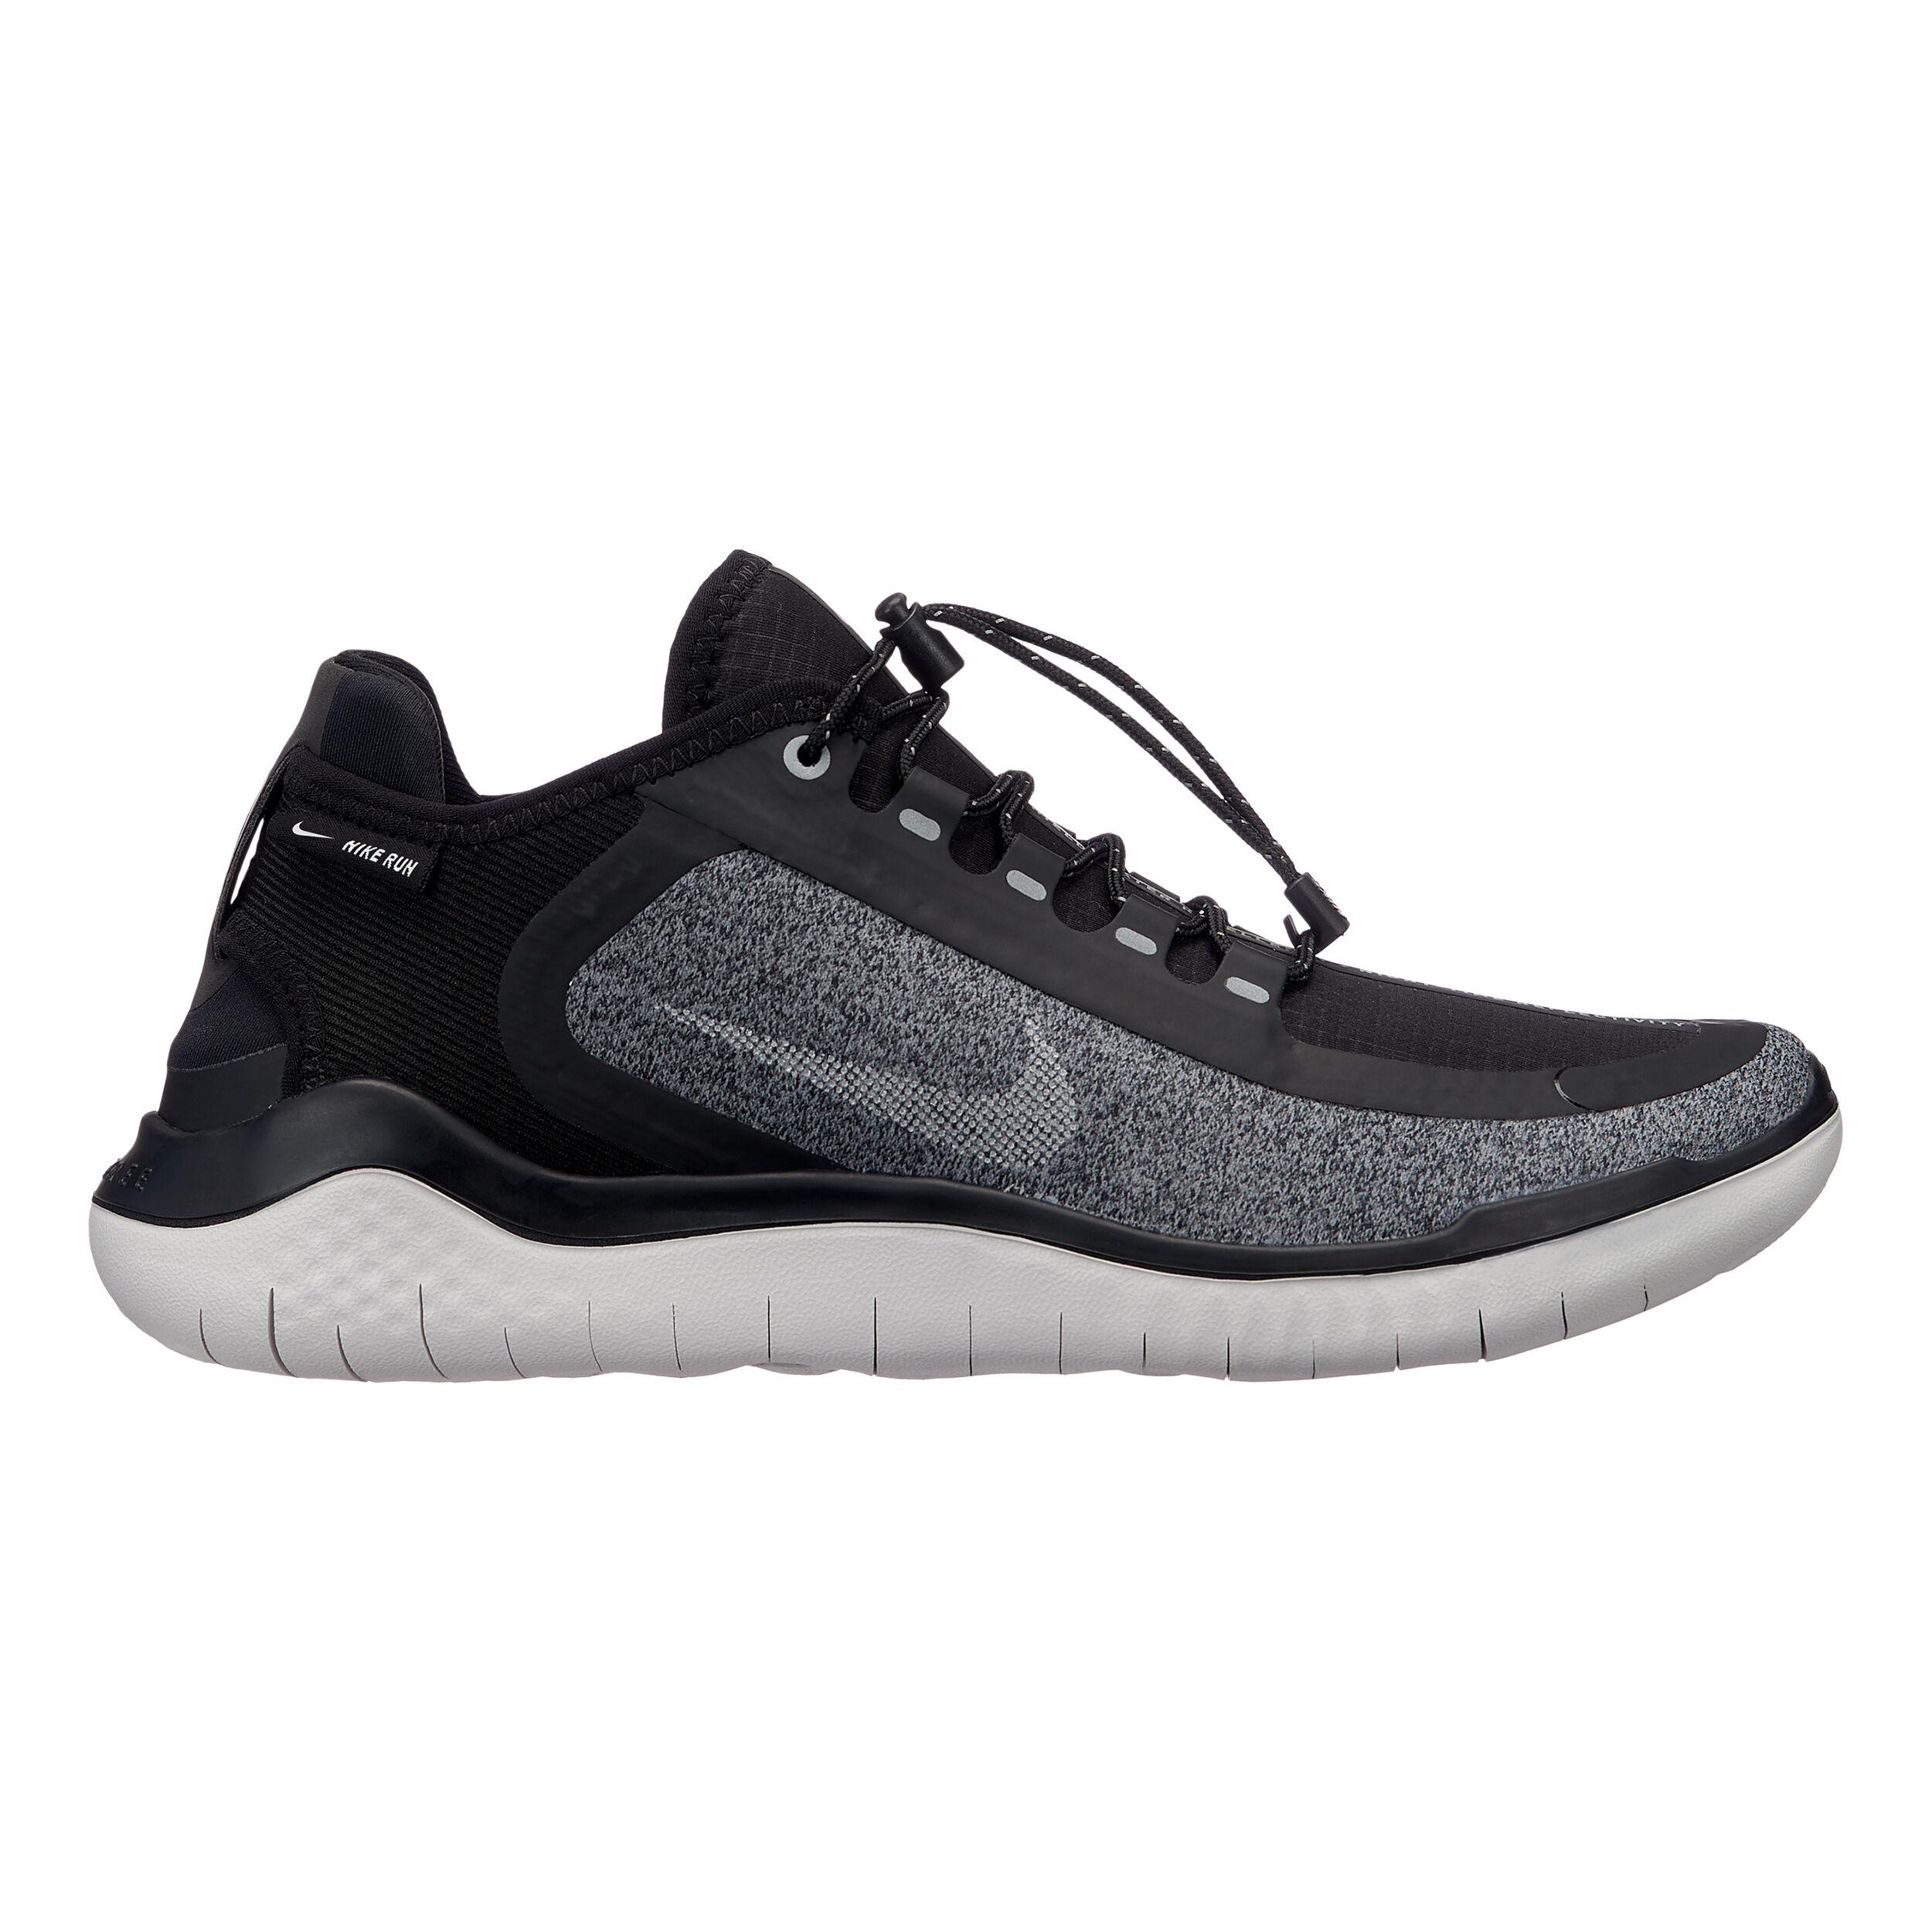 Run Schuh Free Natural Damen Shield Nike 2018 Running PZiXuTkO